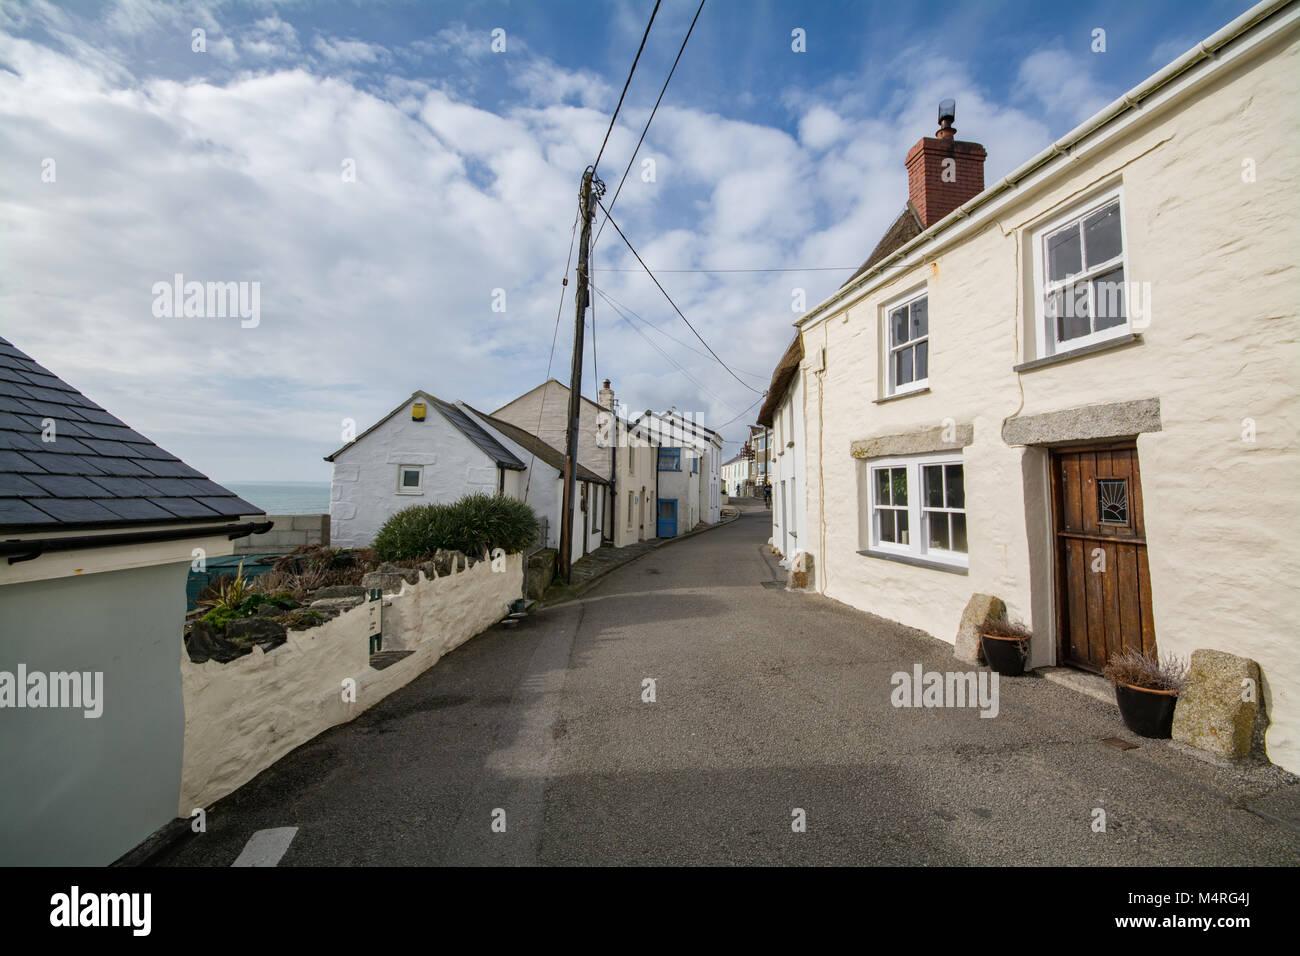 Straße im Holiday Village von Camborne Cornwall Stockbild